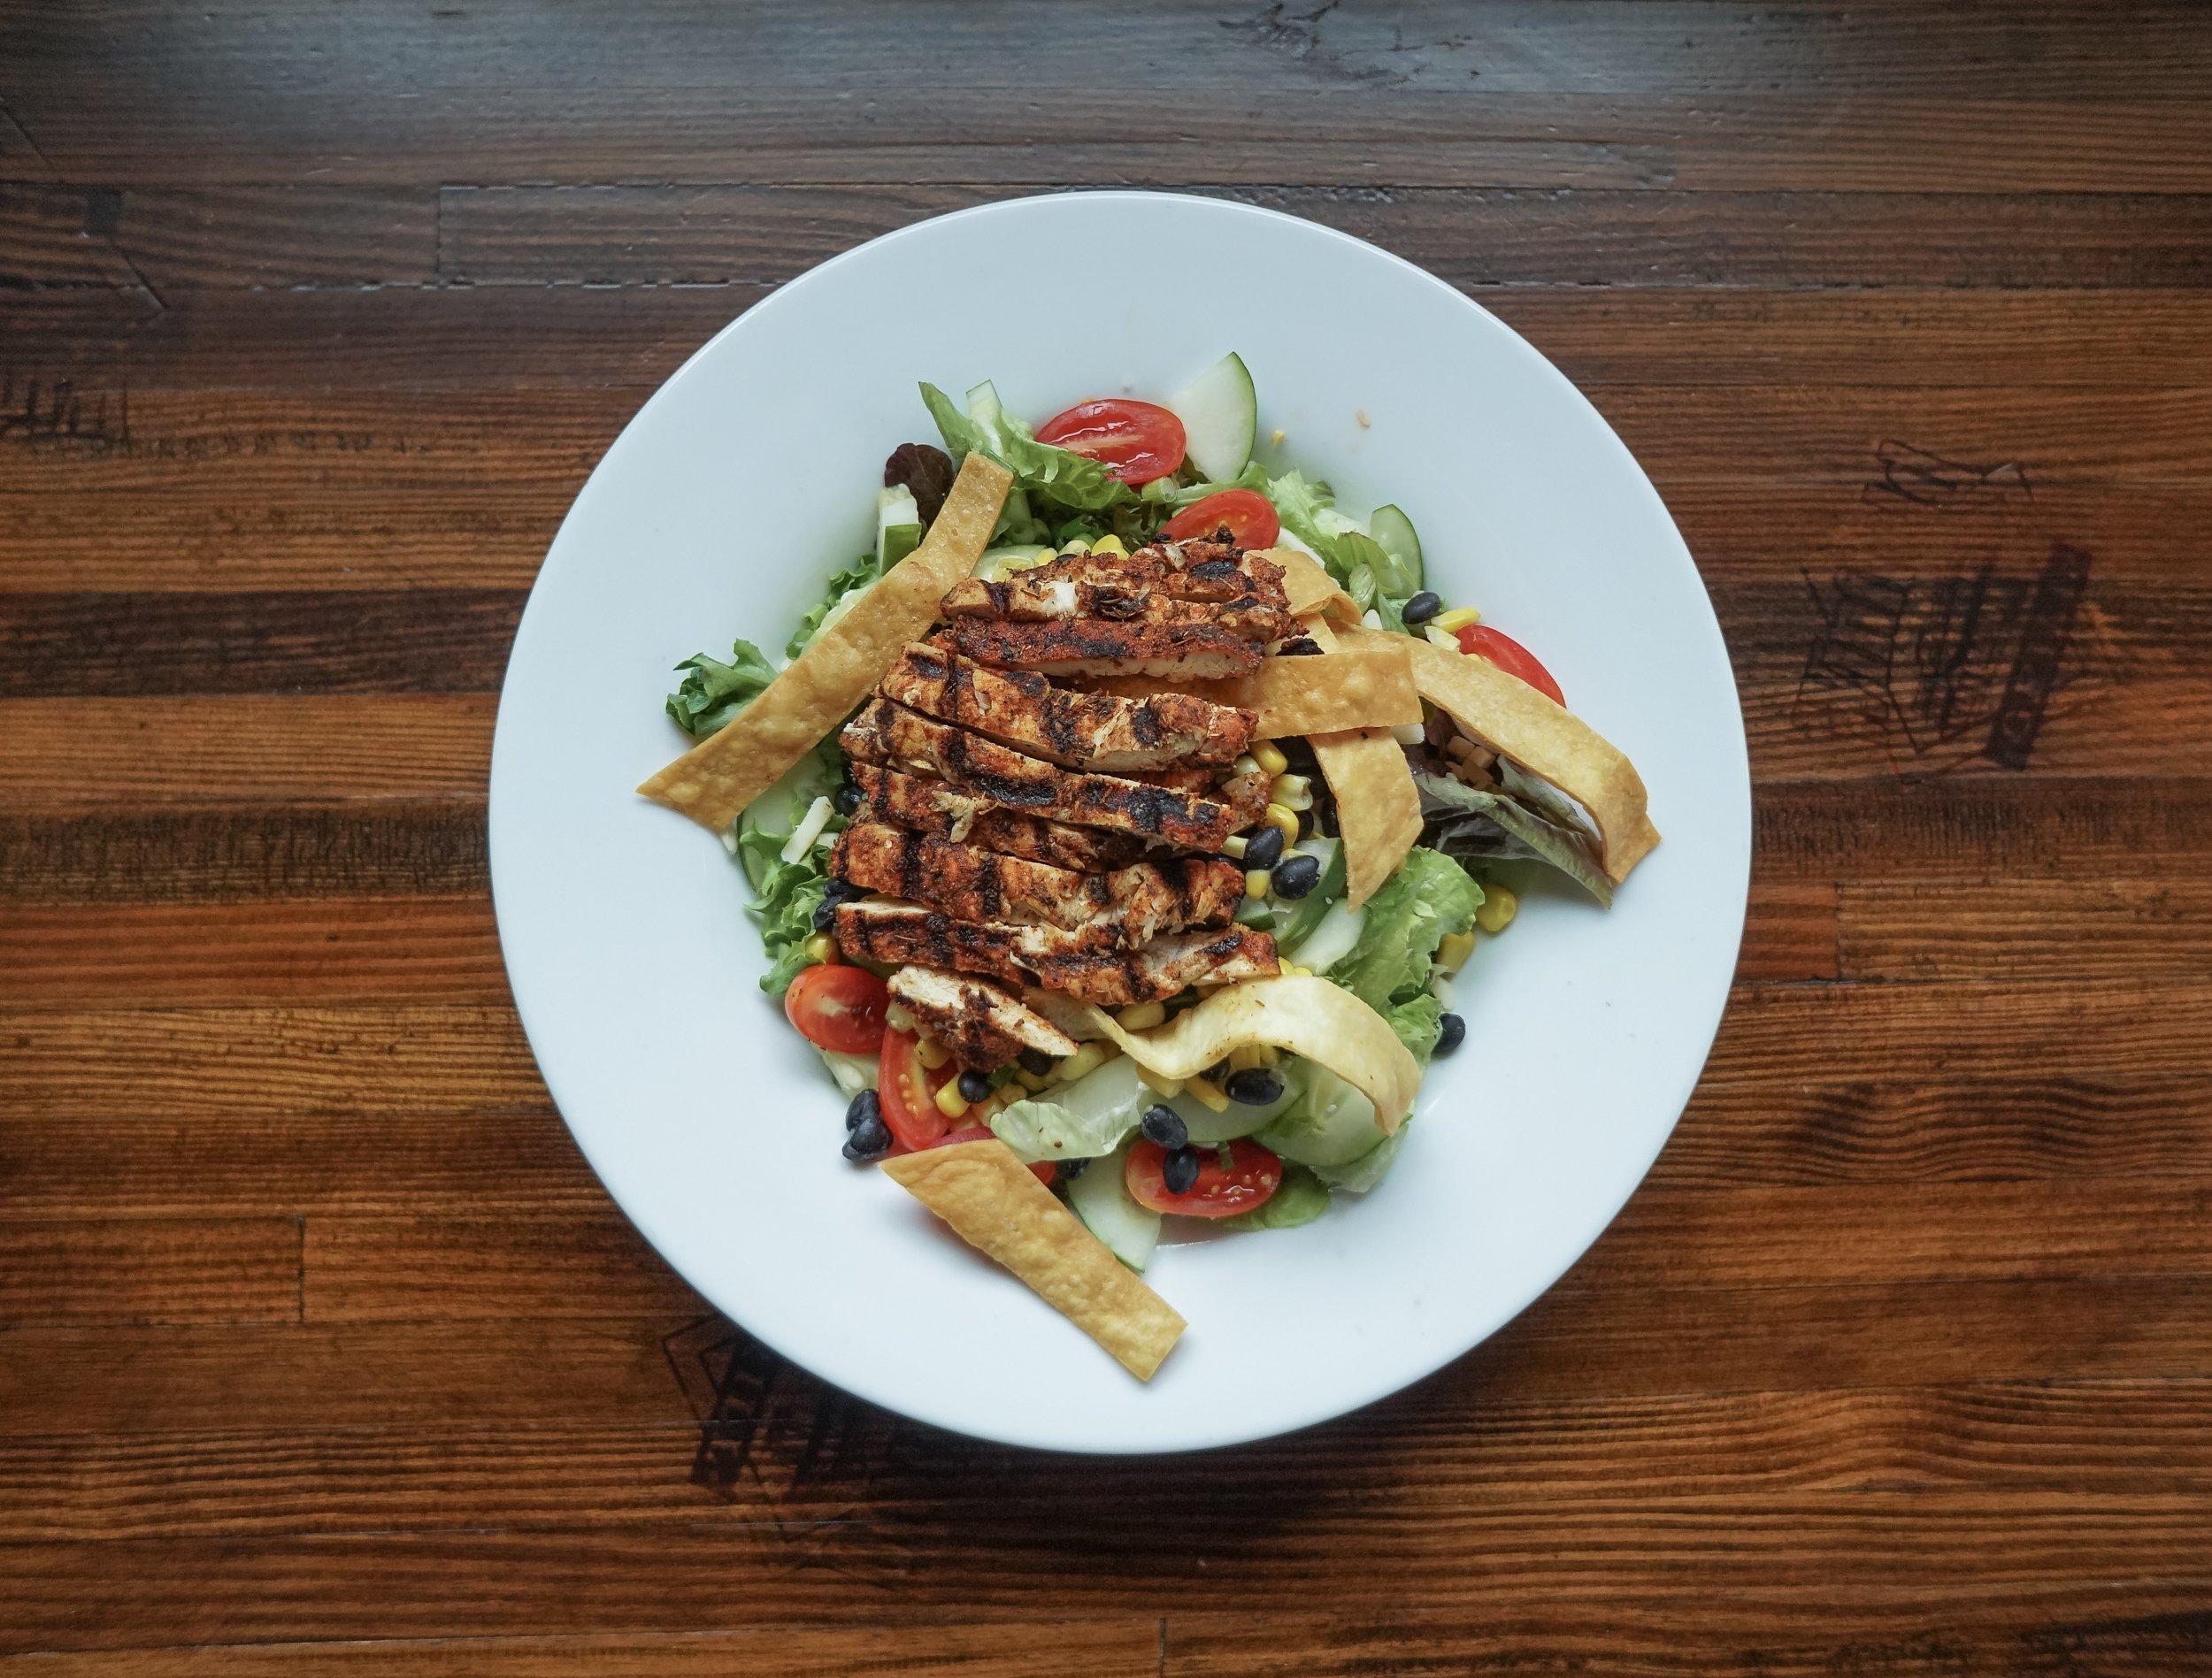 Cajun Fajita Salad from Winfield Grill